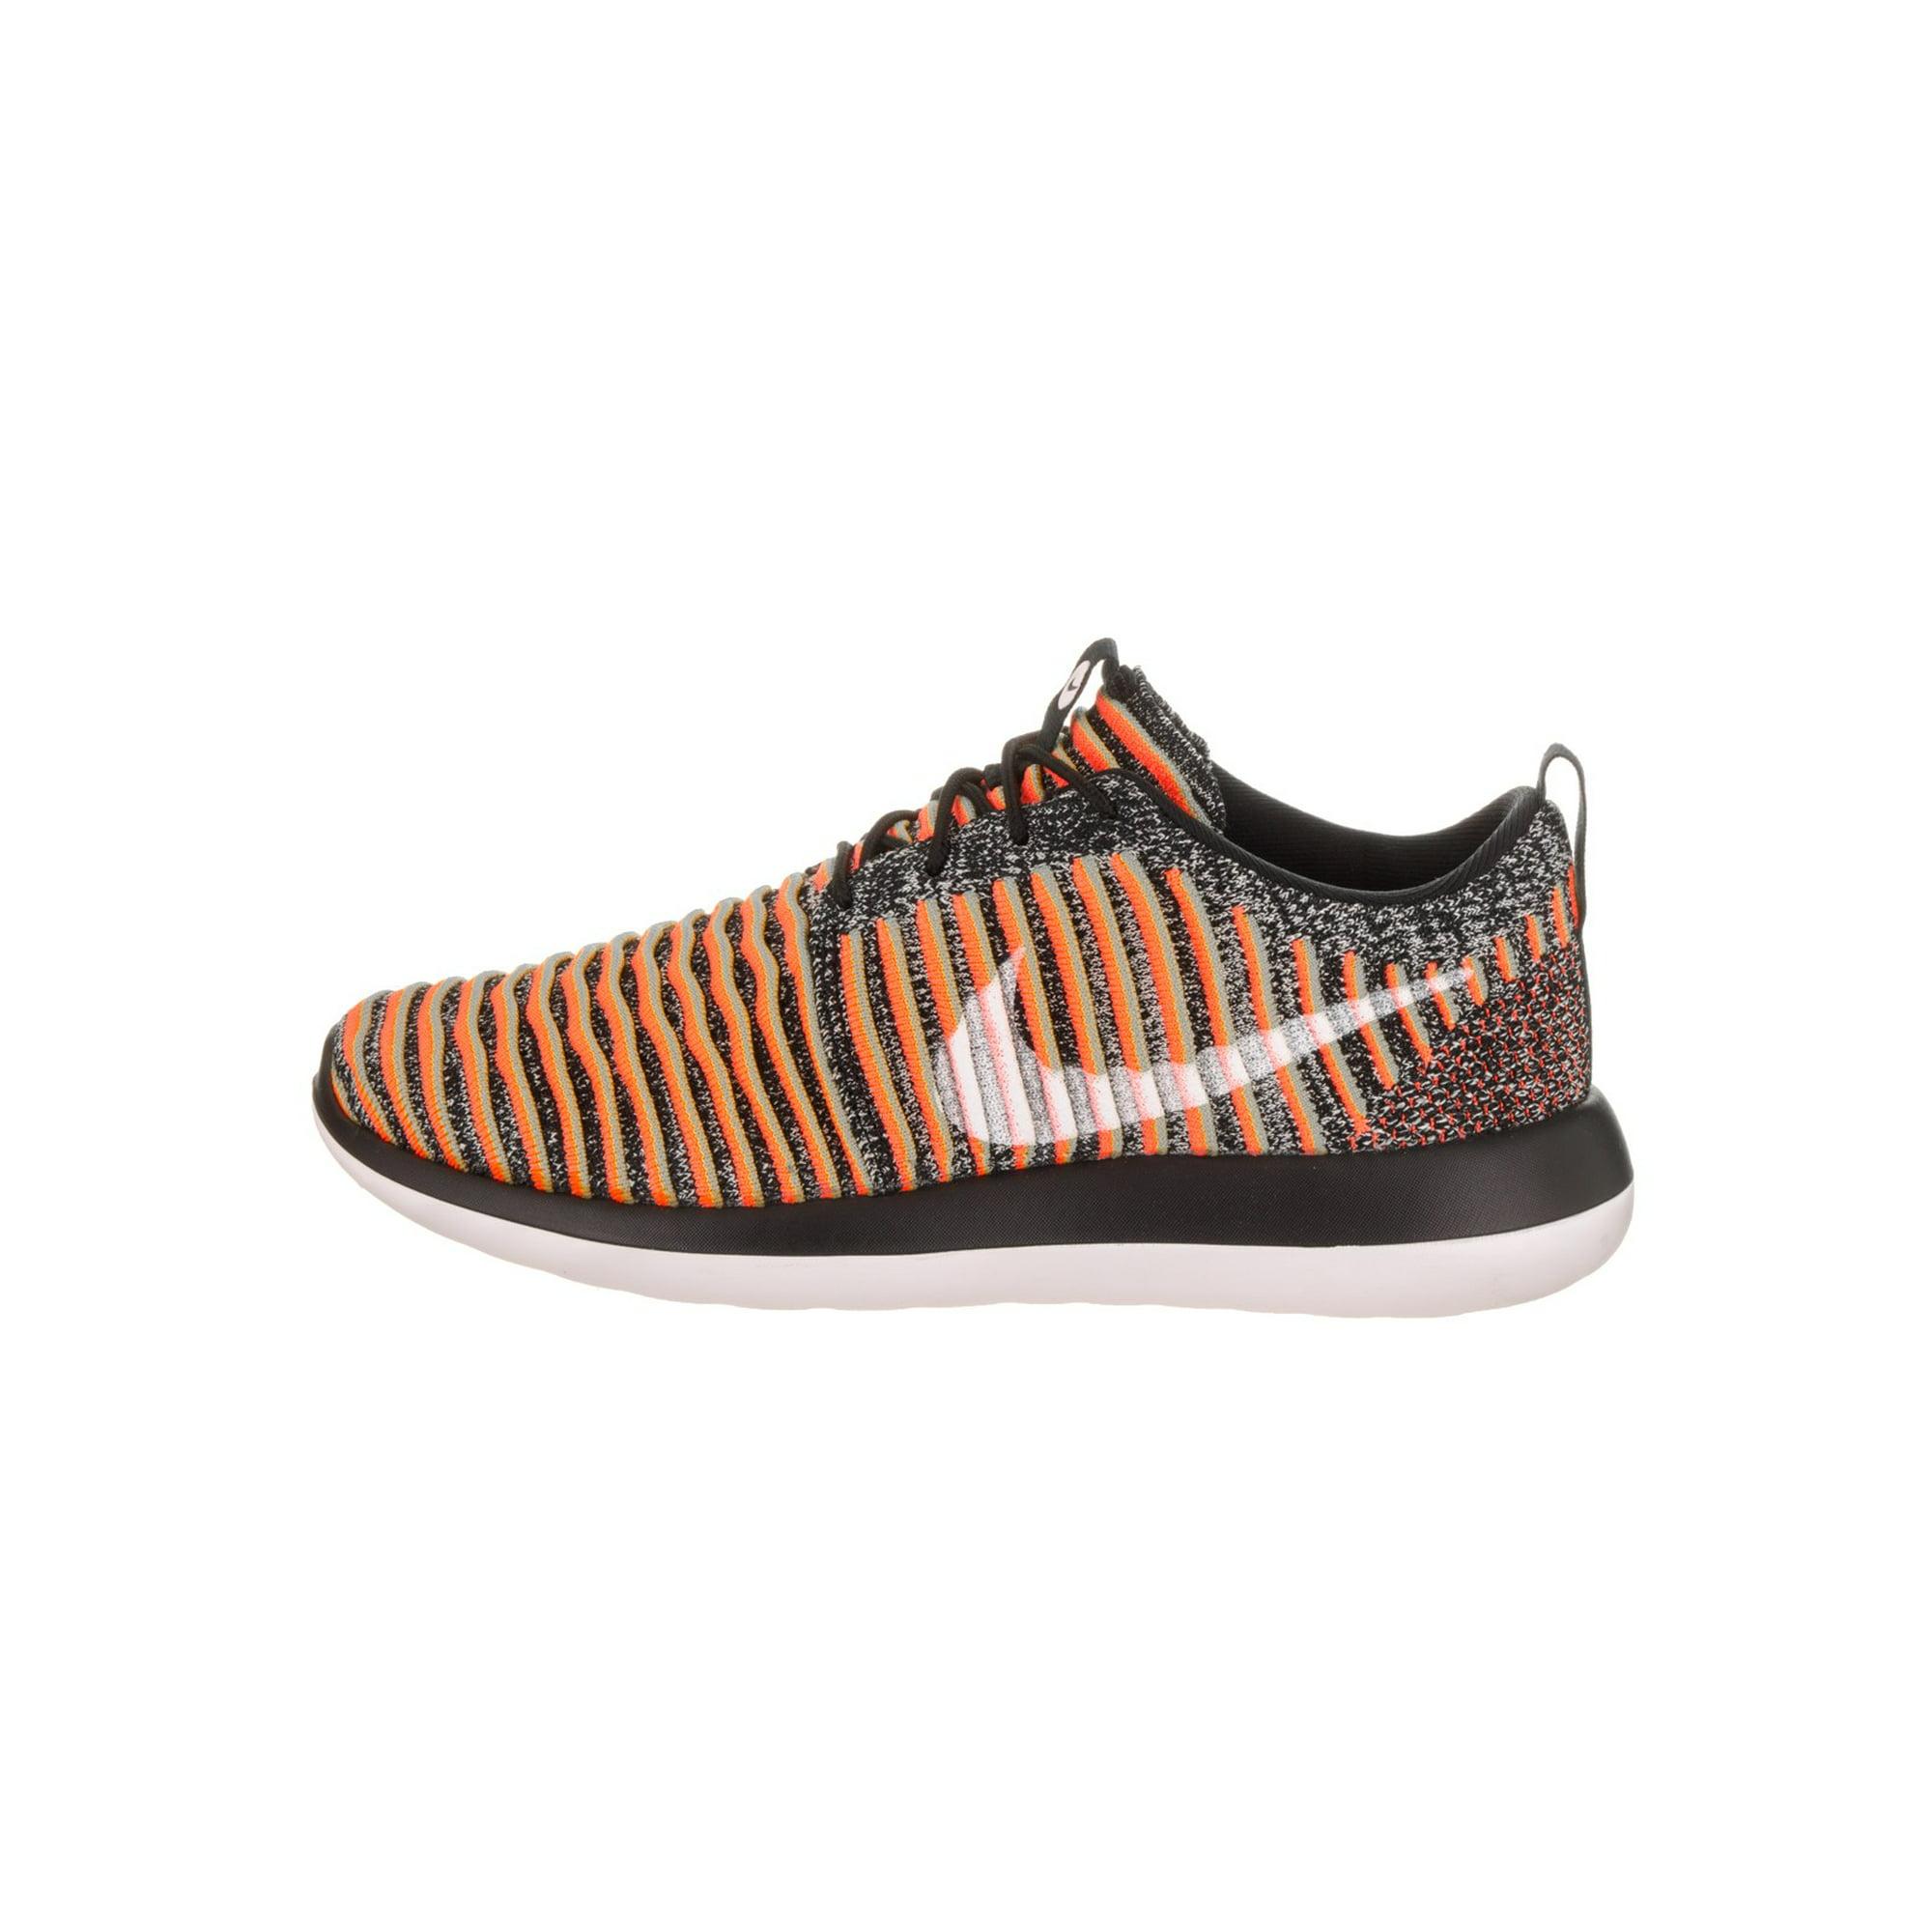 b09e832bd2951 Nike Women s Roshe Two Flyknit Running Shoe